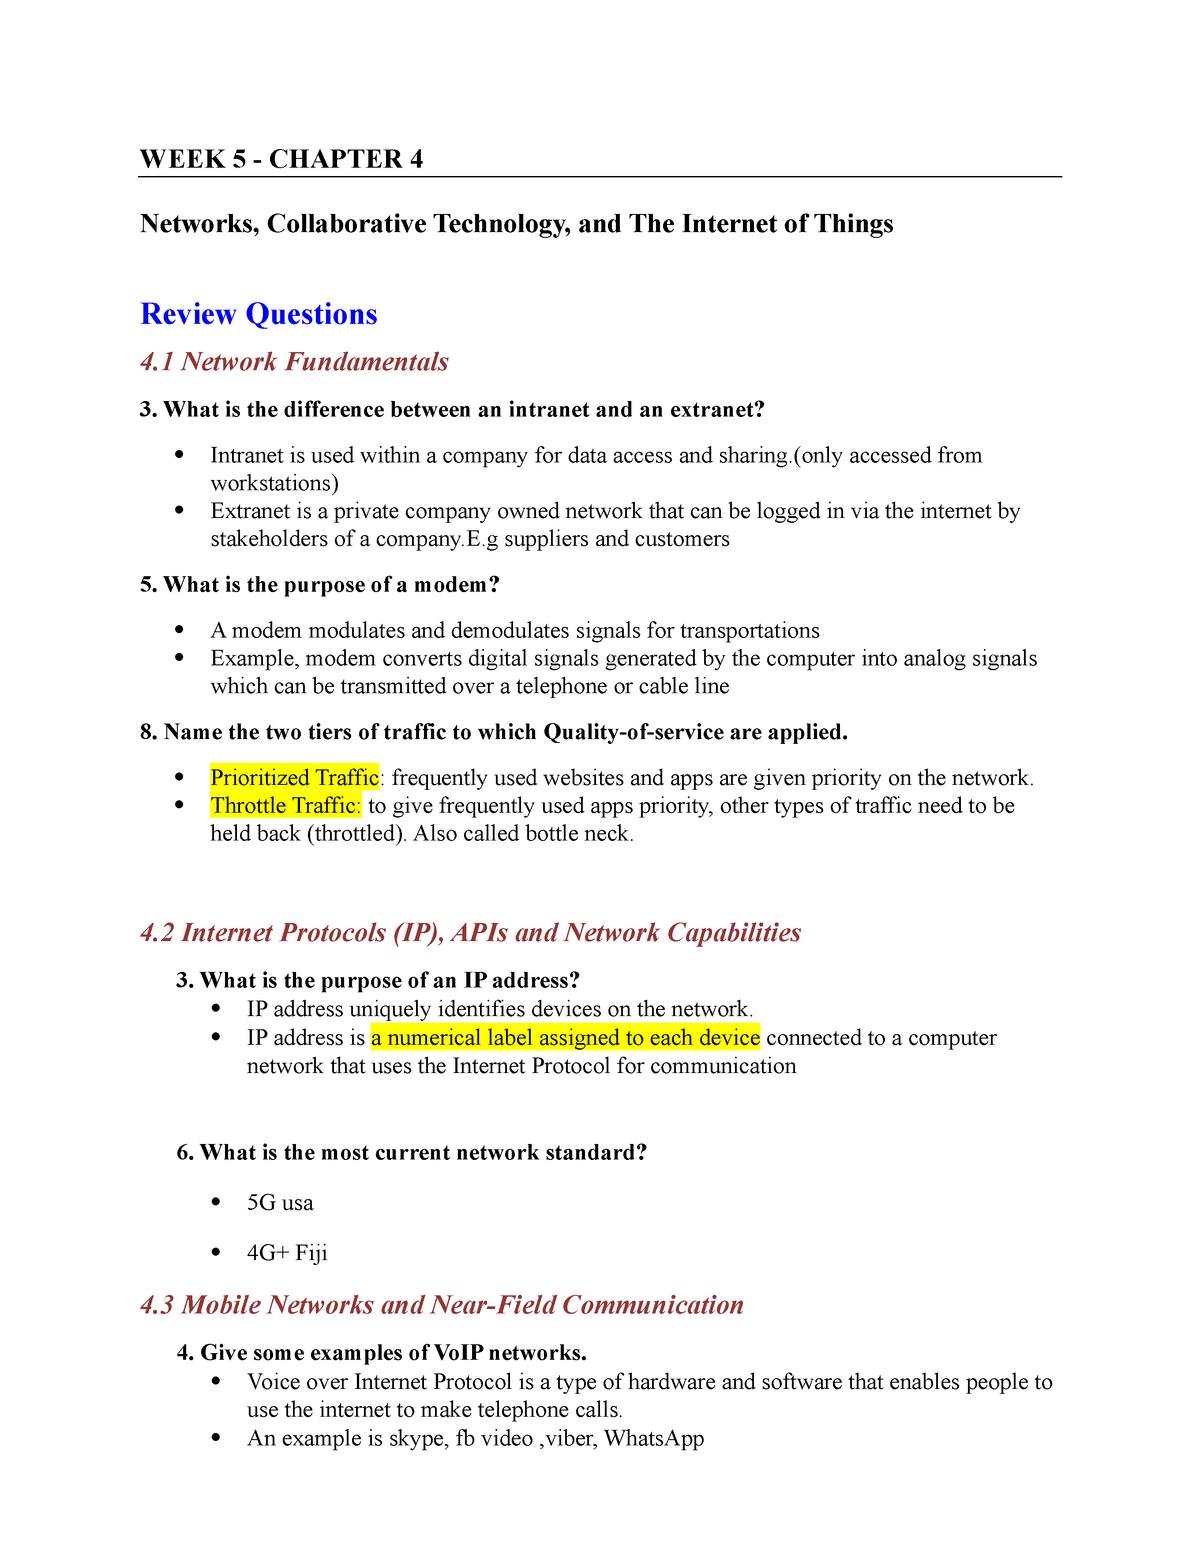 Chapter 4 - Tutorial Solutions - AF302 - StuDocu